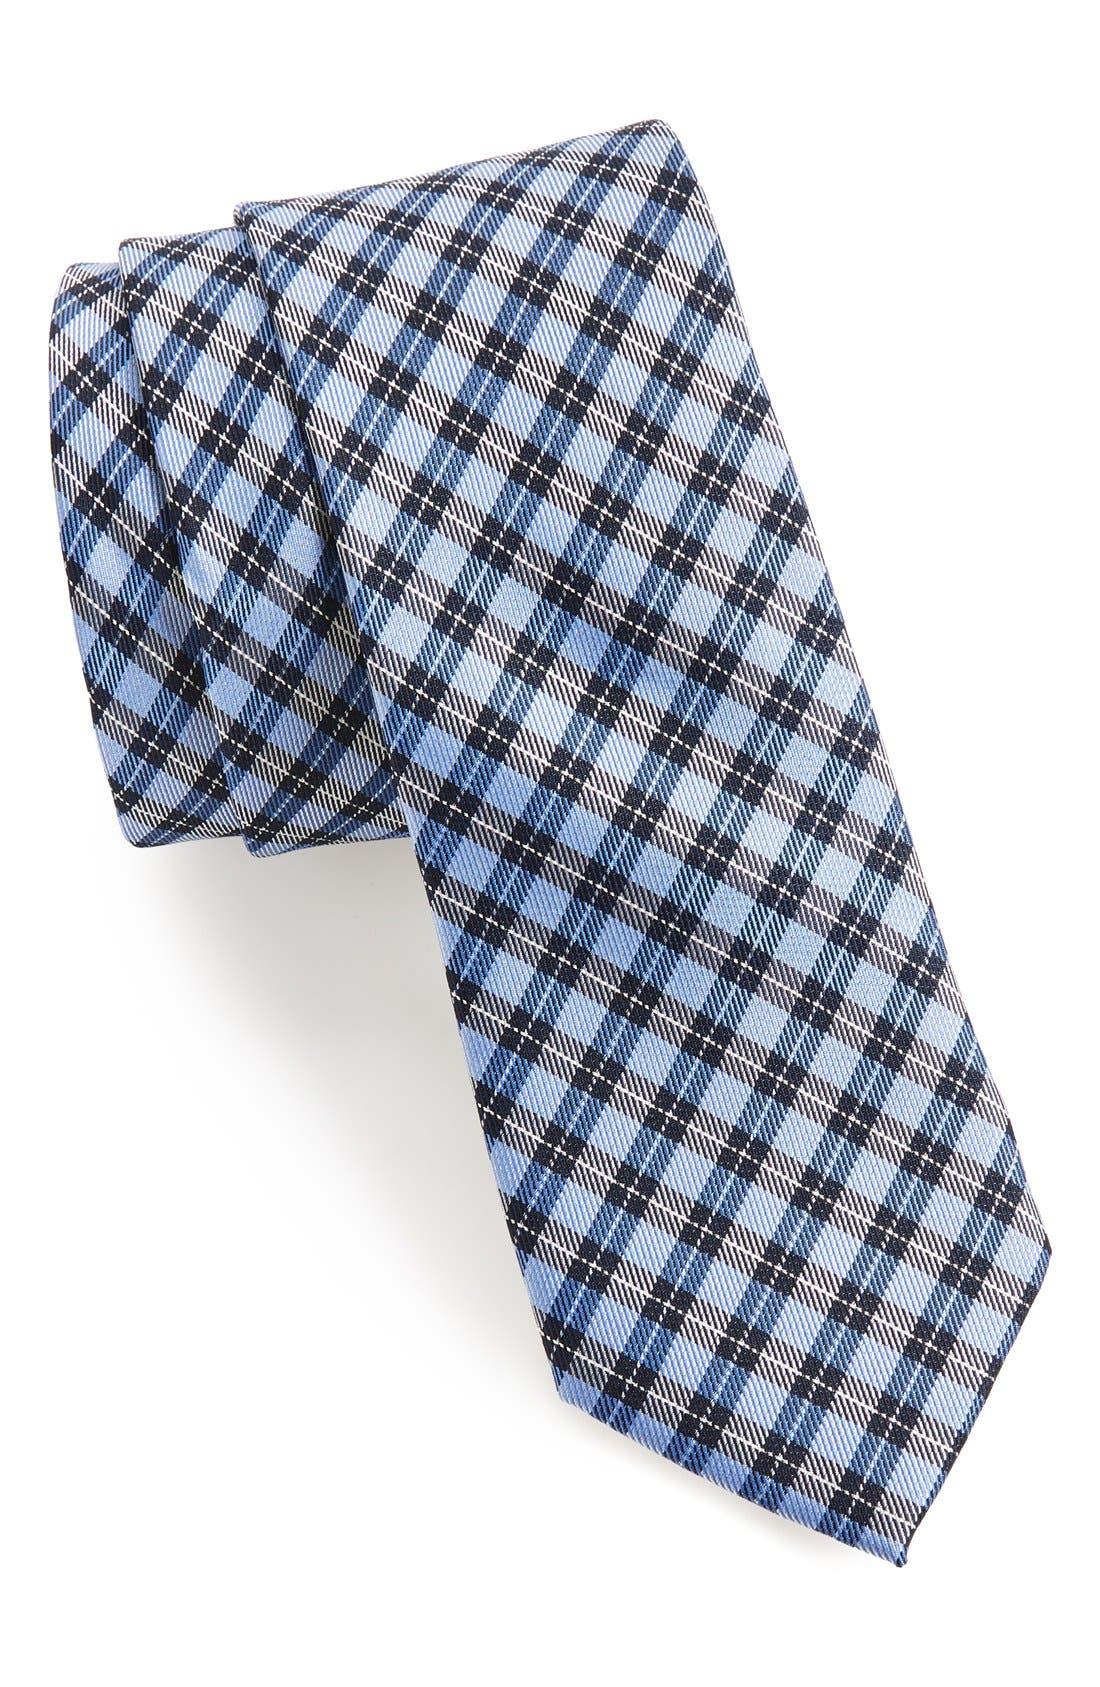 'Choi' Woven Silk Tie,                             Main thumbnail 1, color,                             Blue